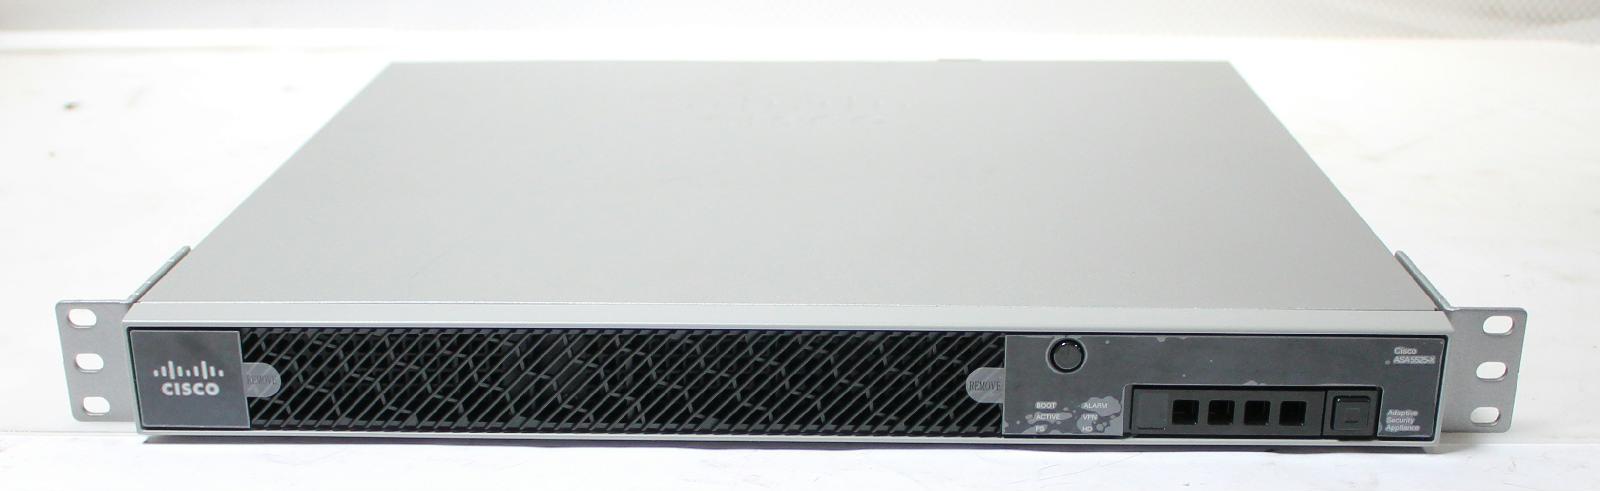 Cisco Firepower Cost